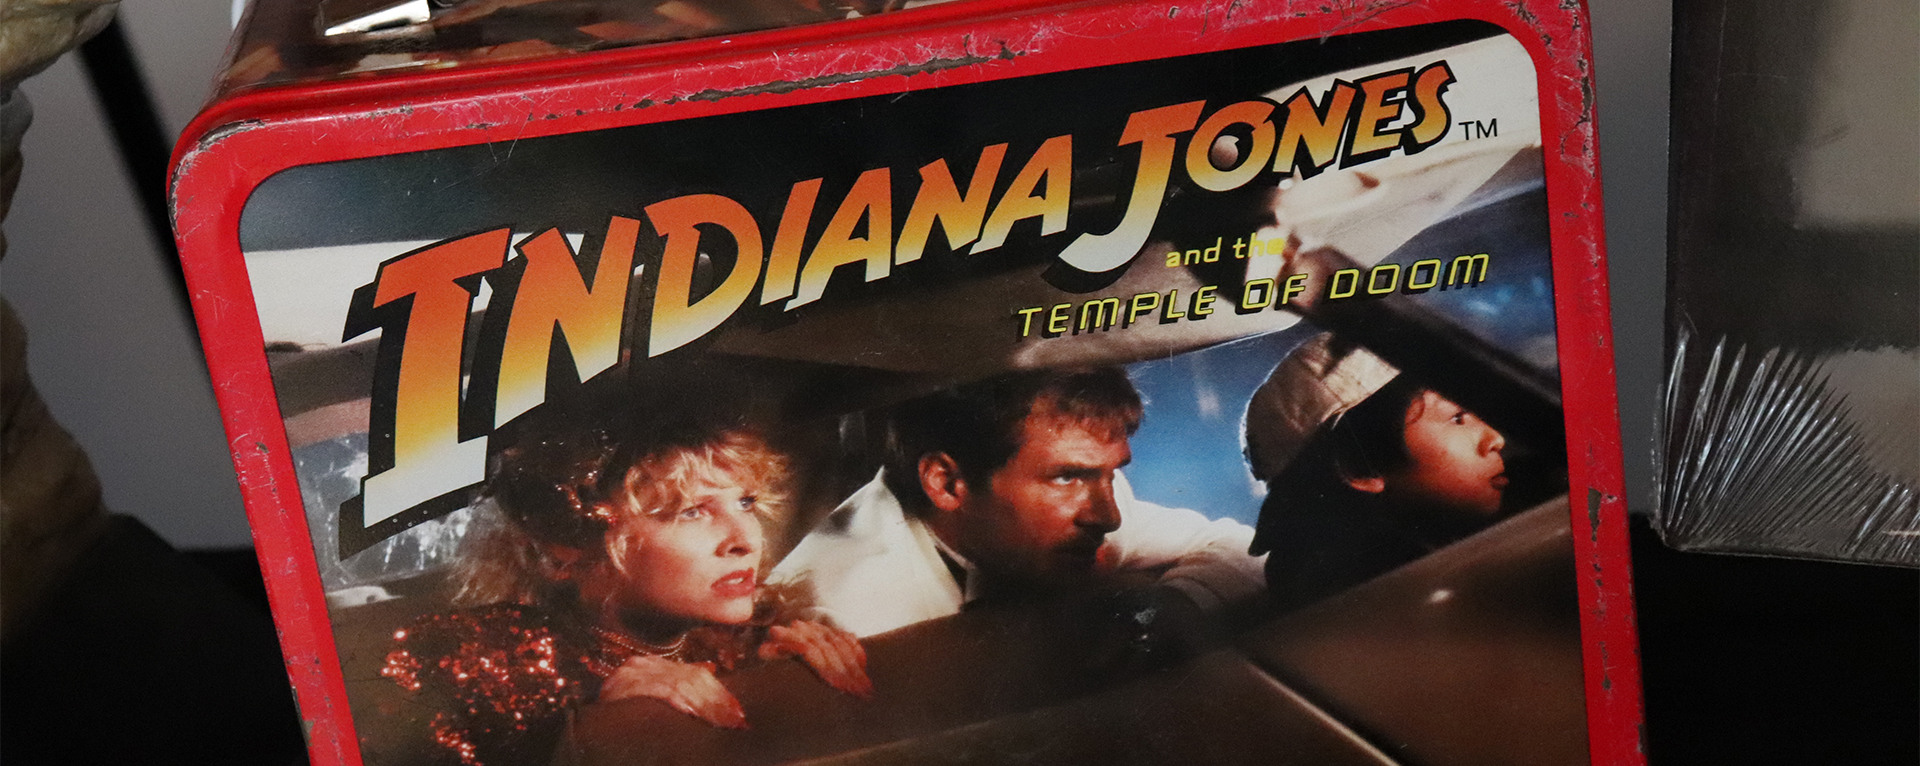 Indiana Jones and the Temple of Doom with ILM's Dennis Muren